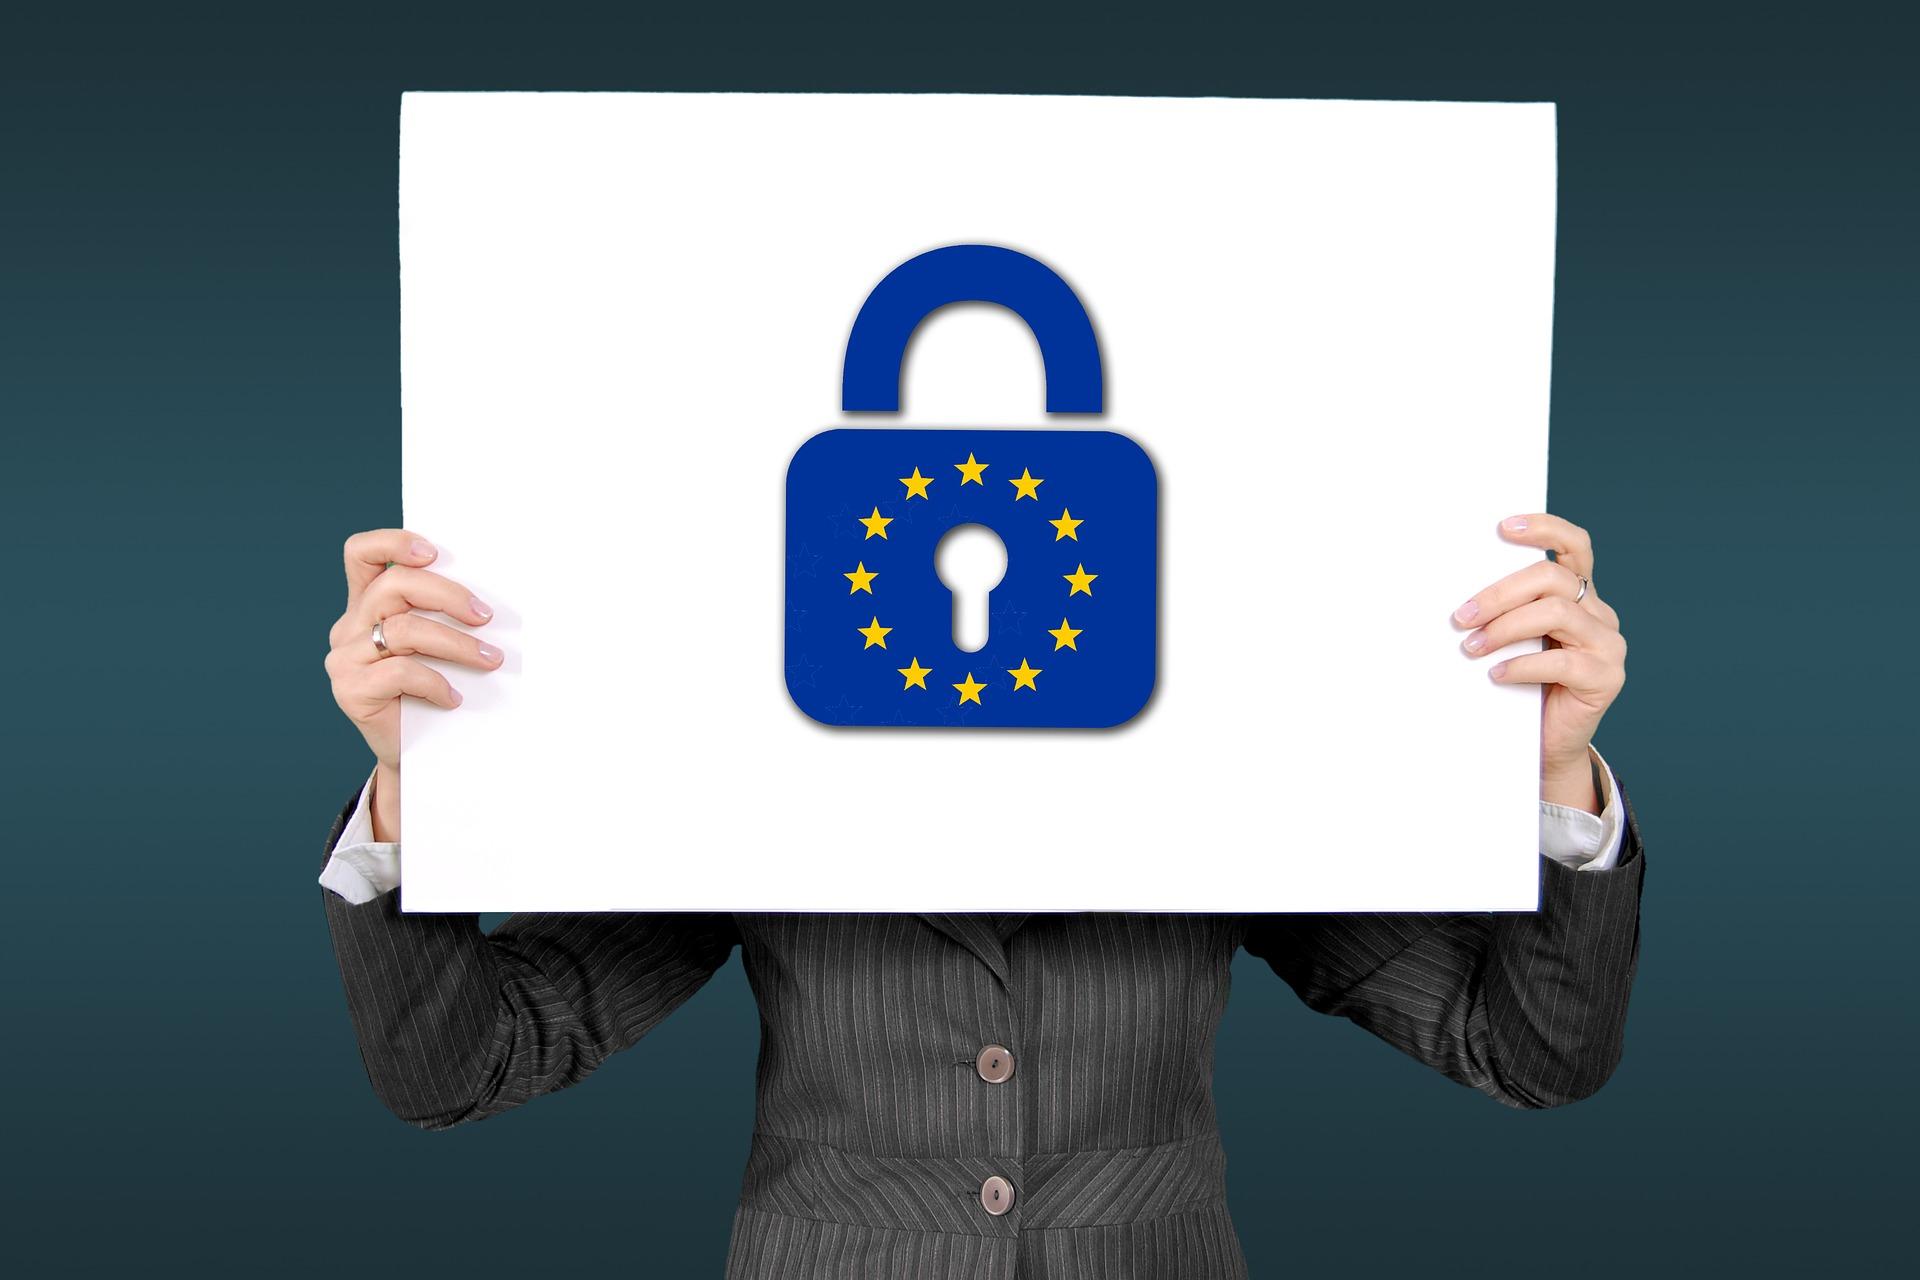 Поглавје 24 – Клуч за вистински реформи и пристапување во ЕУ според новата методологија